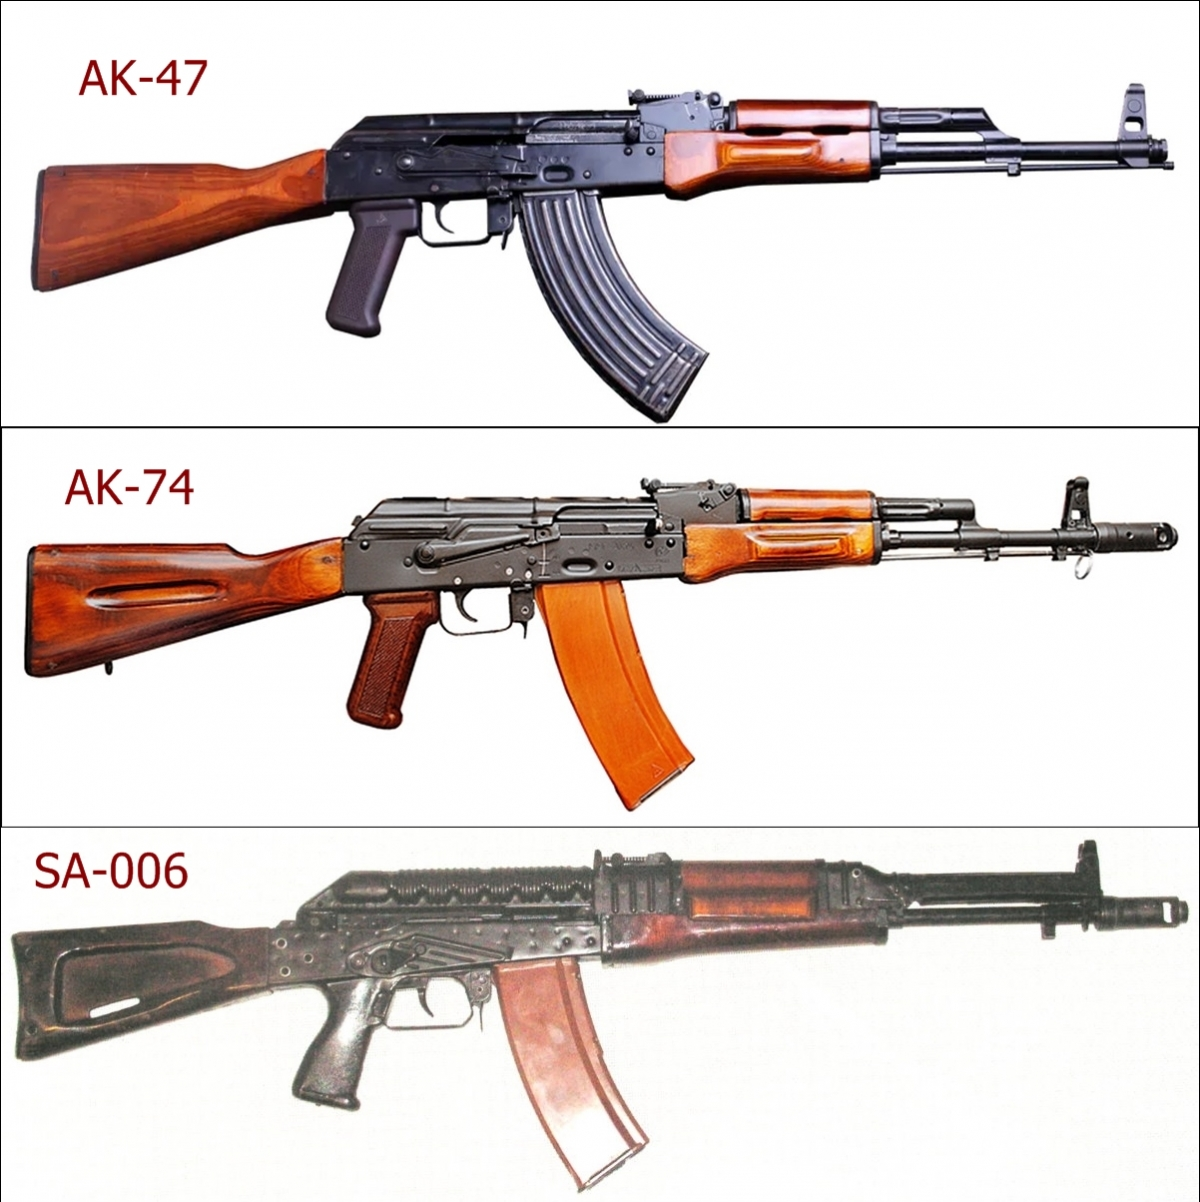 Các loại súng AK-47, AK-74, SA-006. Ảnh: Wikipedia, Modernfirearms, RBTH.